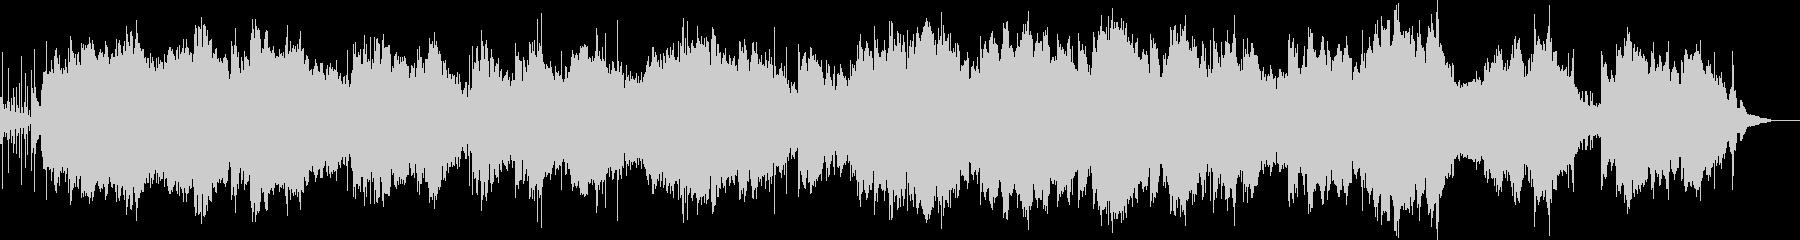 幻想的なヴォイスとベルの入り混じった曲の未再生の波形